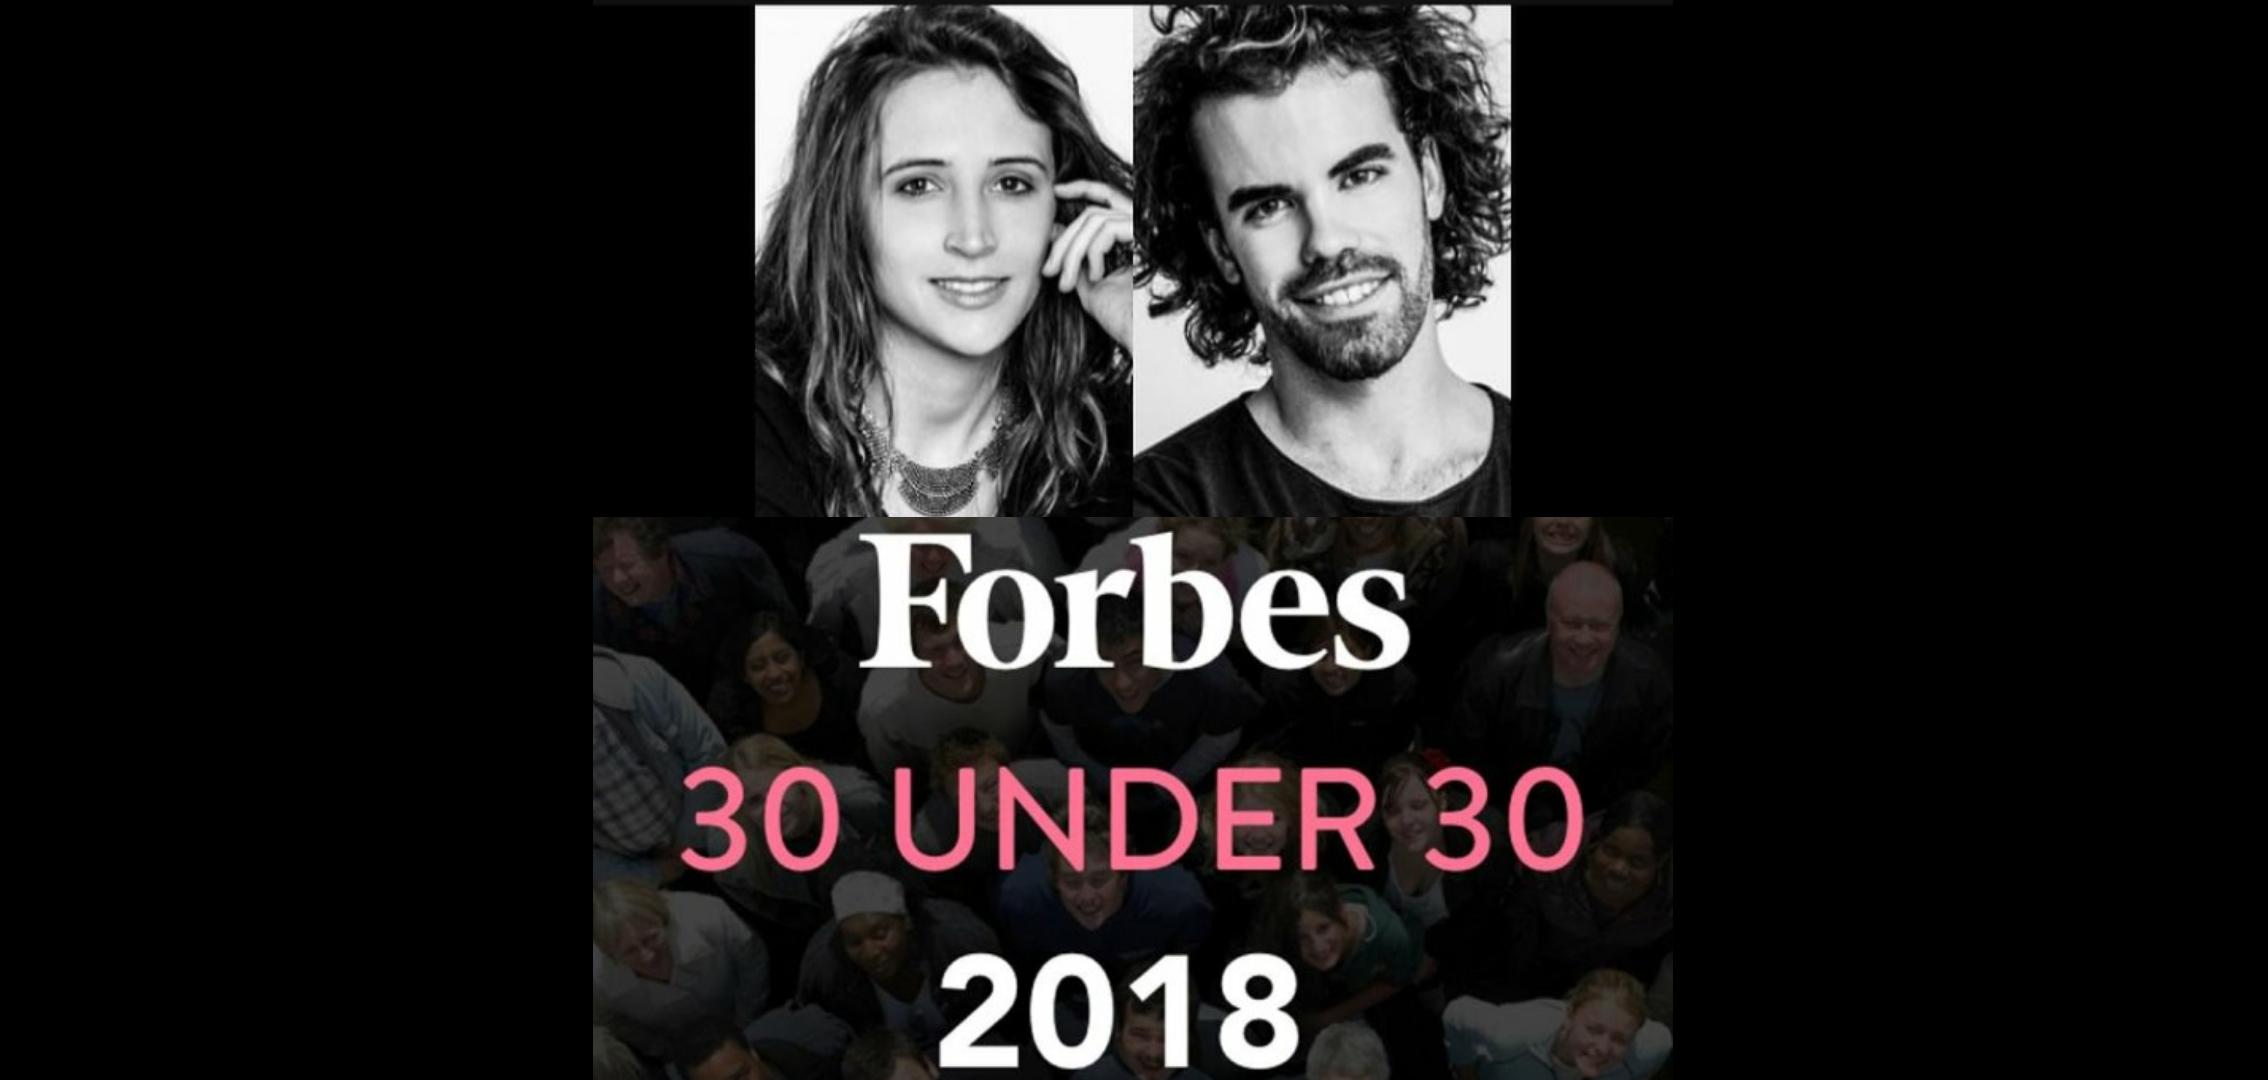 Amarist - Forbes 30 under 30